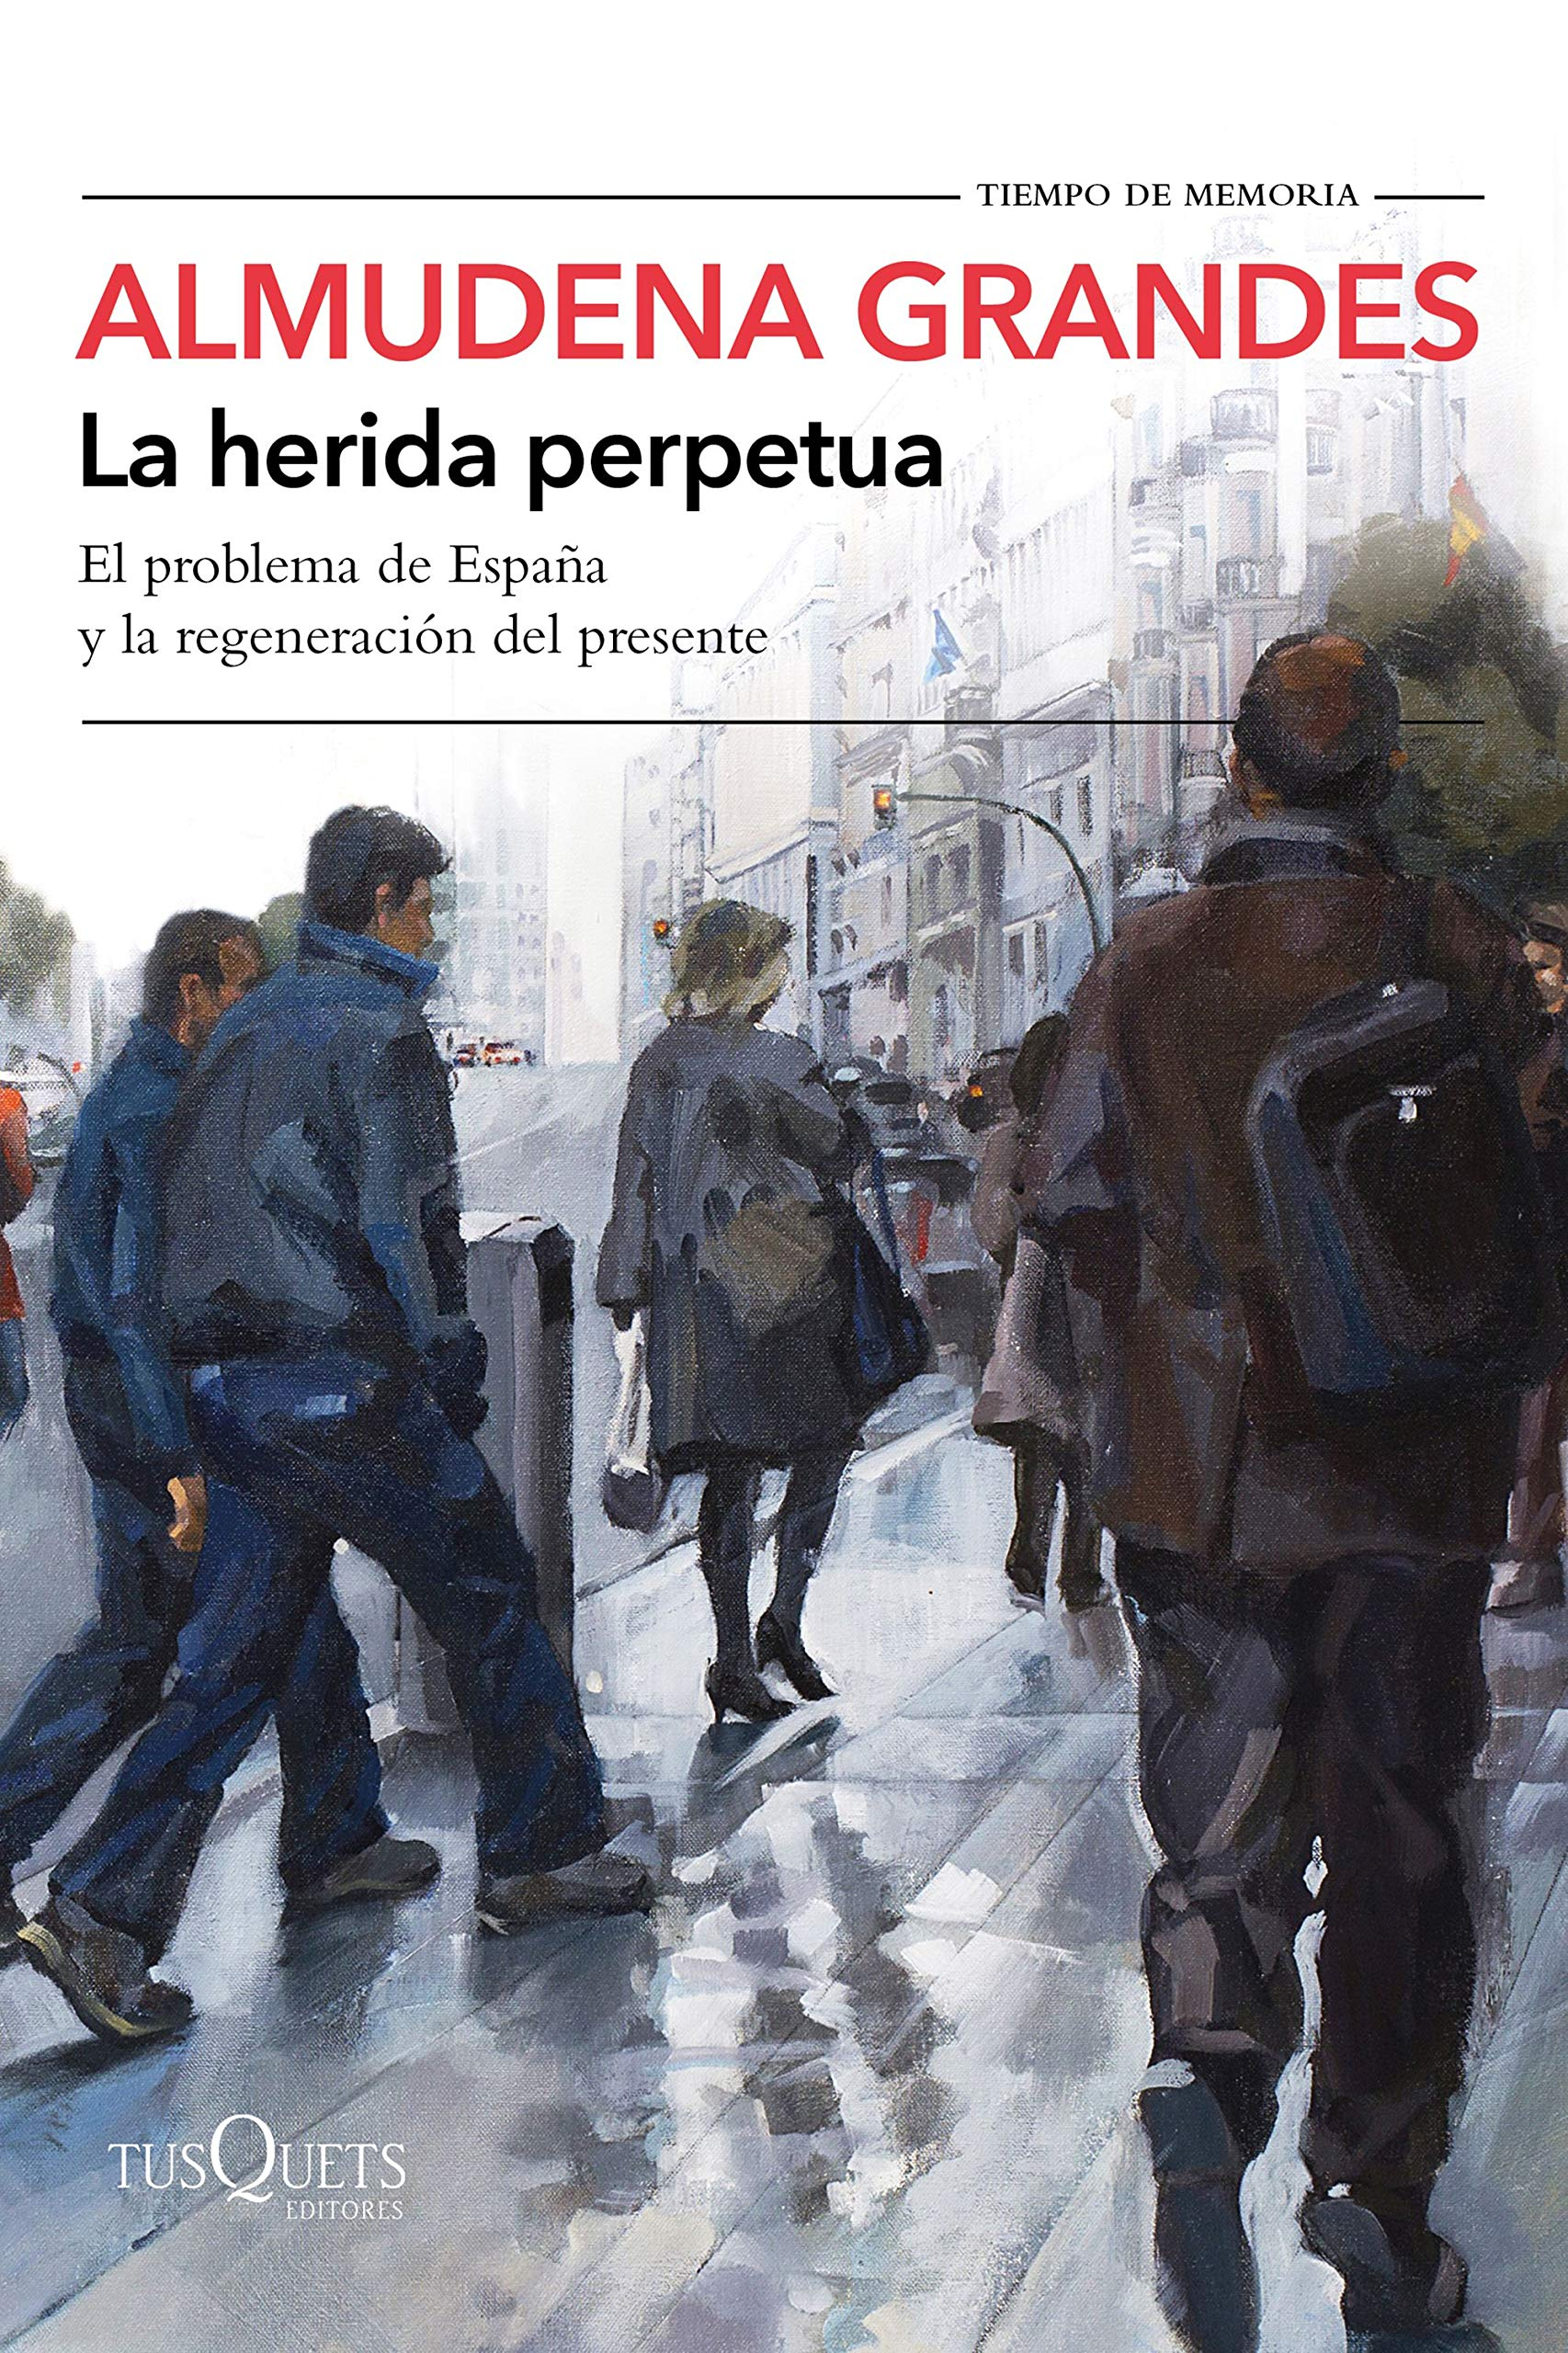 La herida perpetua: El problema de España y la regeneración del presente Tiempo de Memoria: Amazon.es: Grandes, Almudena: Libros